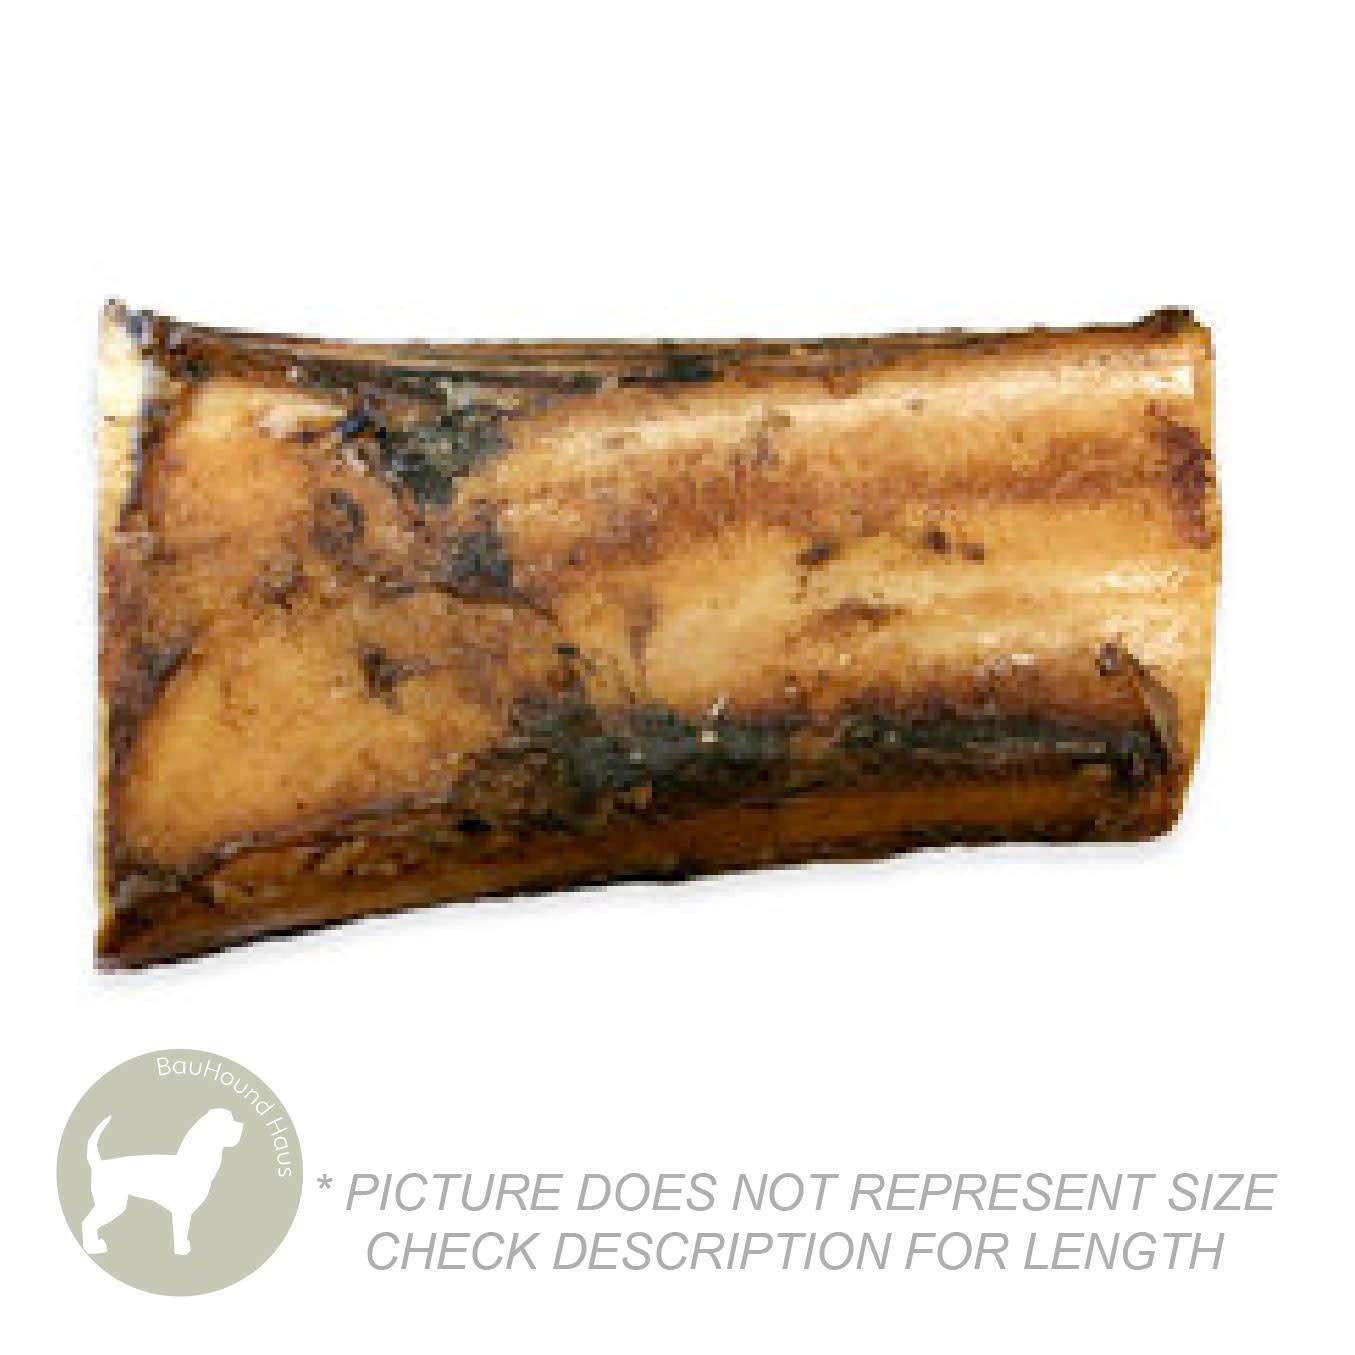 Artisan Farms Artisan Farms Marrow Bone 3 inches